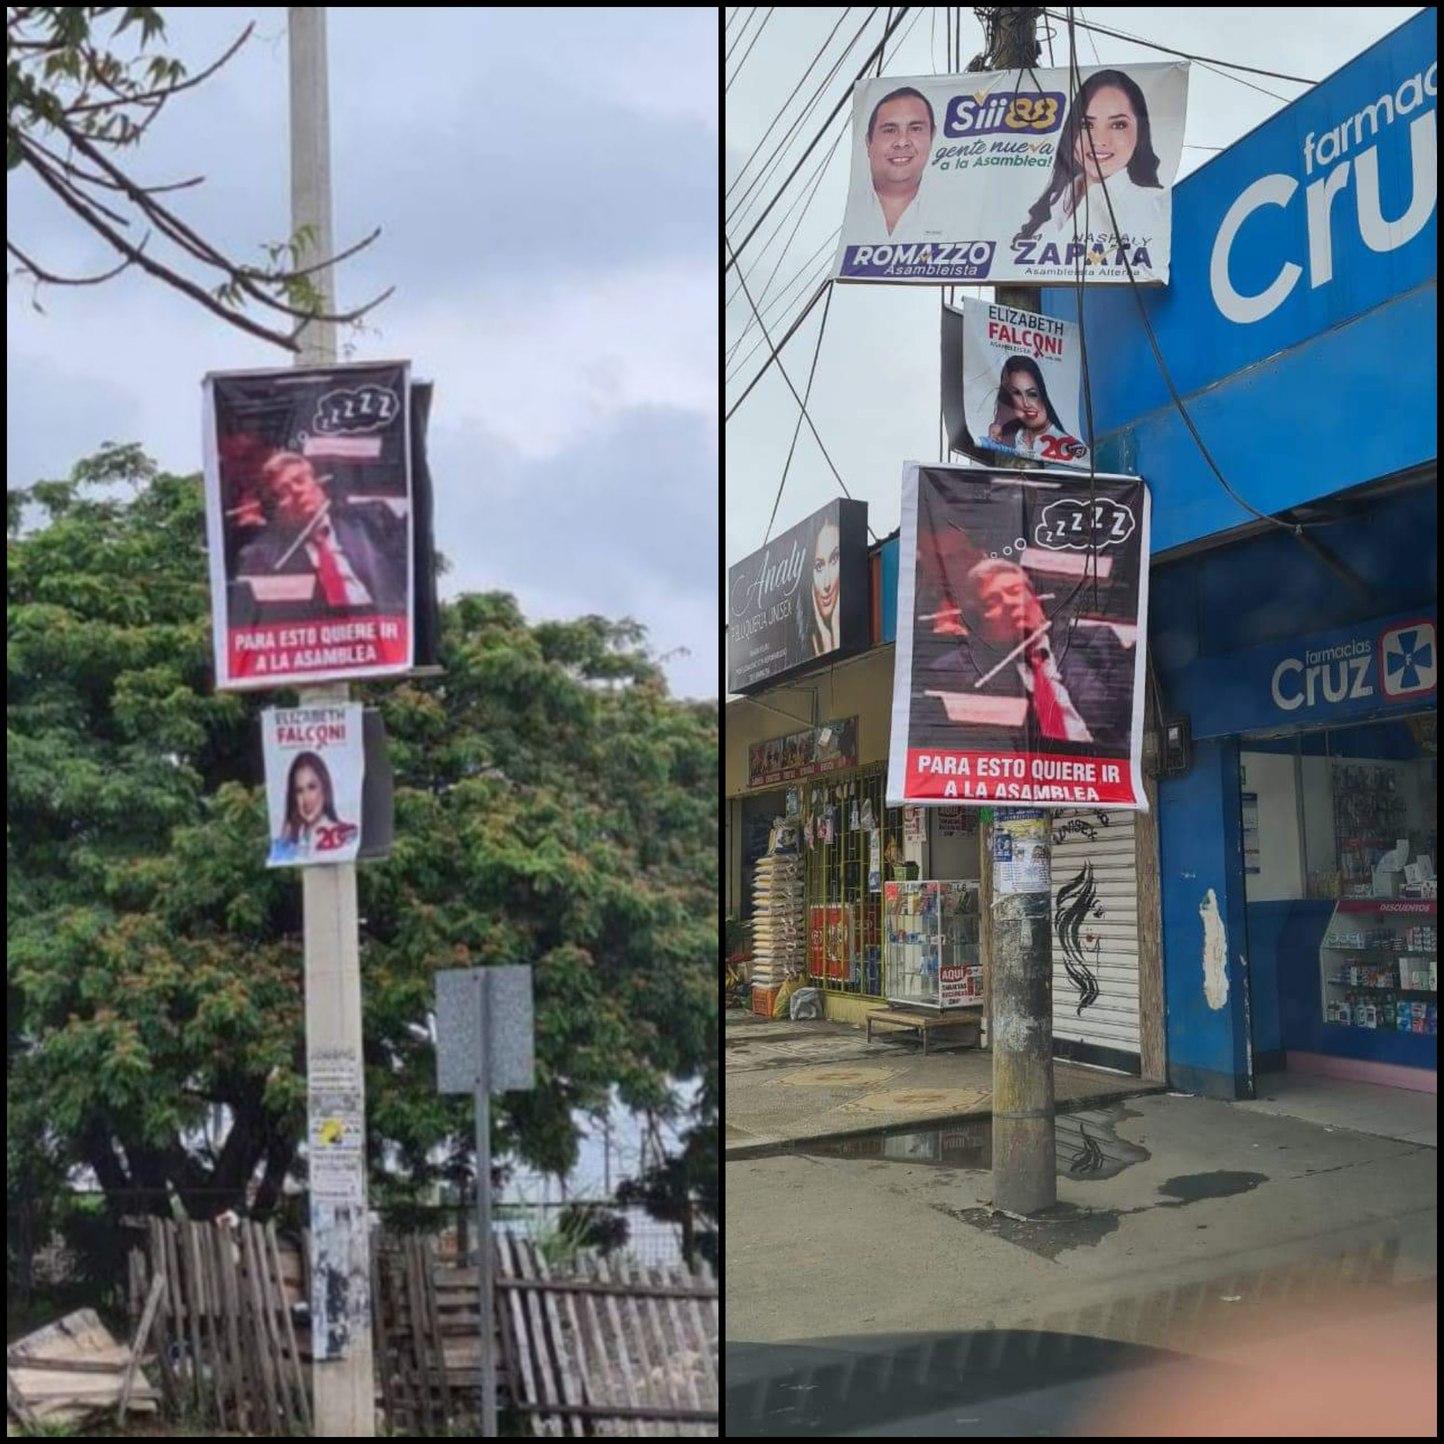 Cómo son las campañas electorales en tu país... - meme